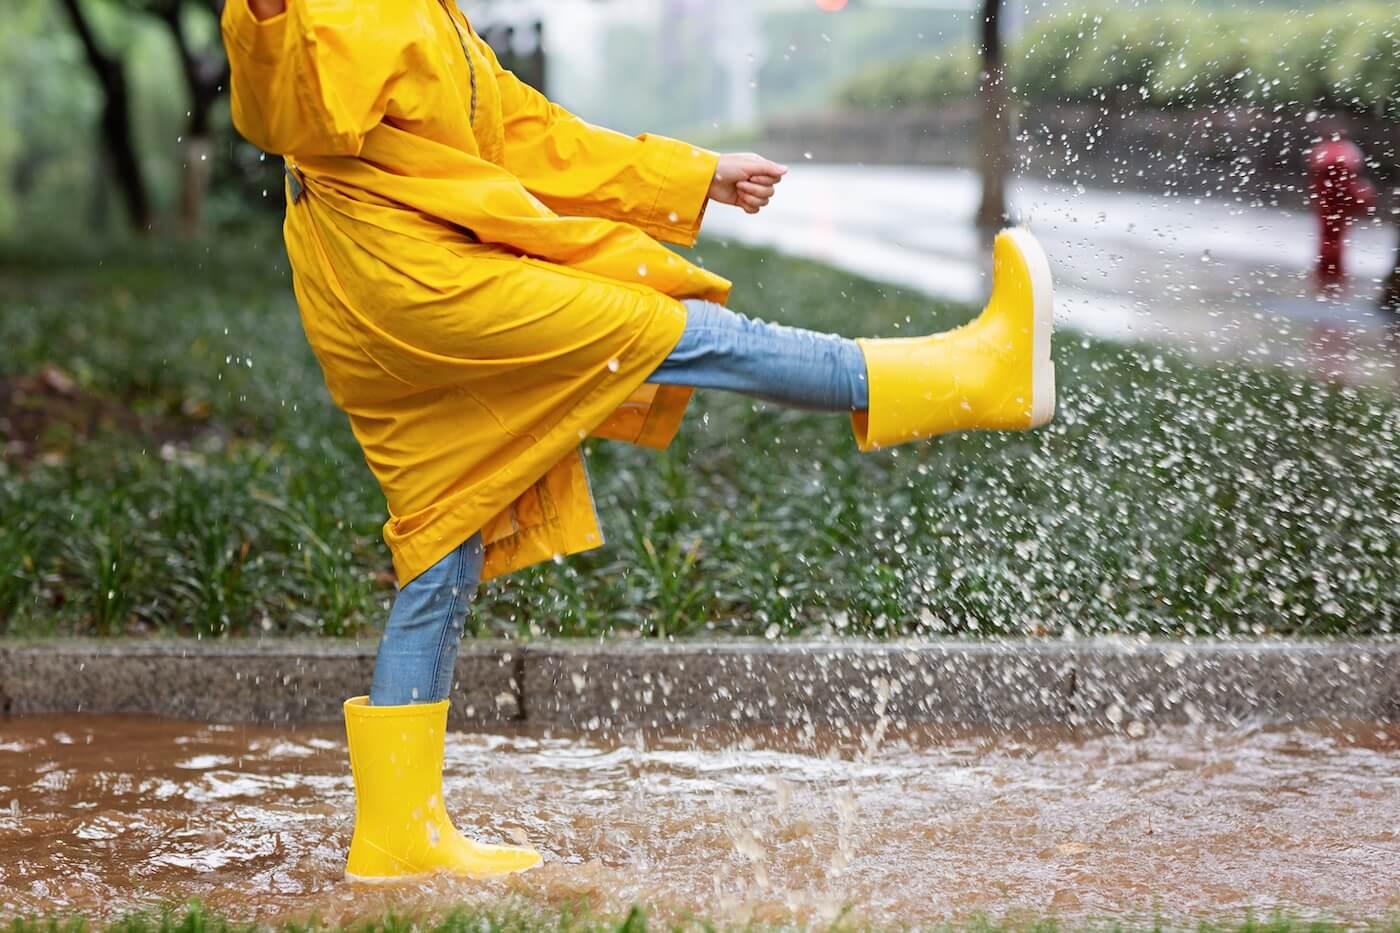 happy-kid-in-yellow-raincoat-and-rain-boots-having-XV753C3